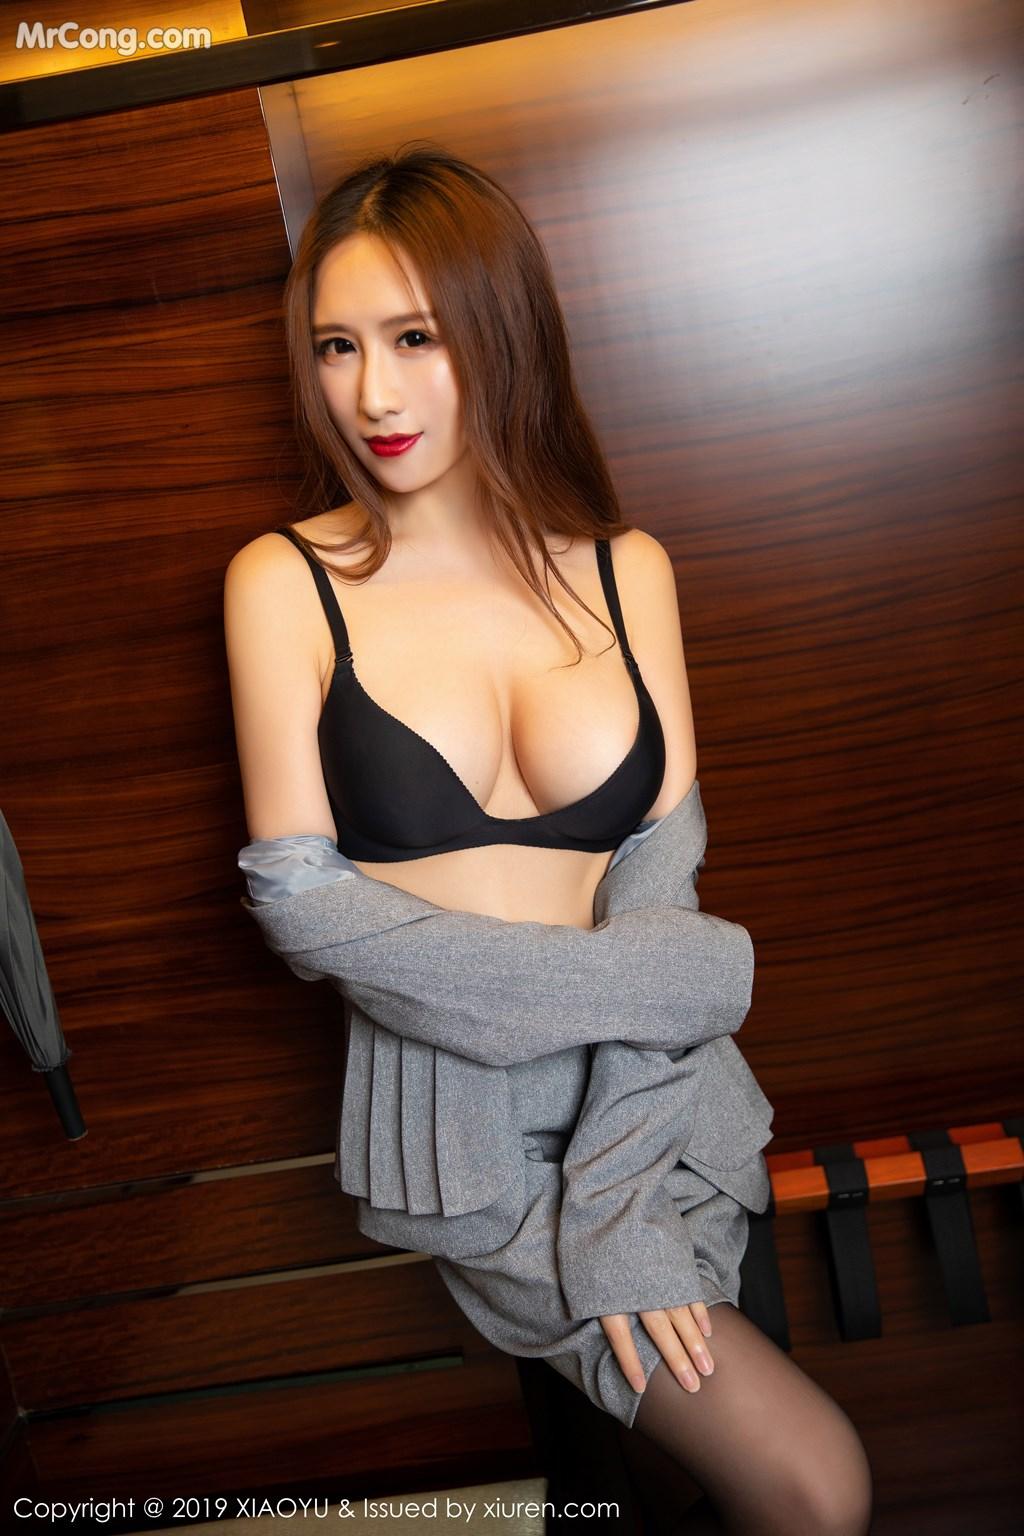 Image XiaoYu-Vol.096-Yue-Yin-Tong-MrCong.com-053 in post XiaoYu Vol.096: Yue Yin Tong (月音瞳) (54 ảnh)